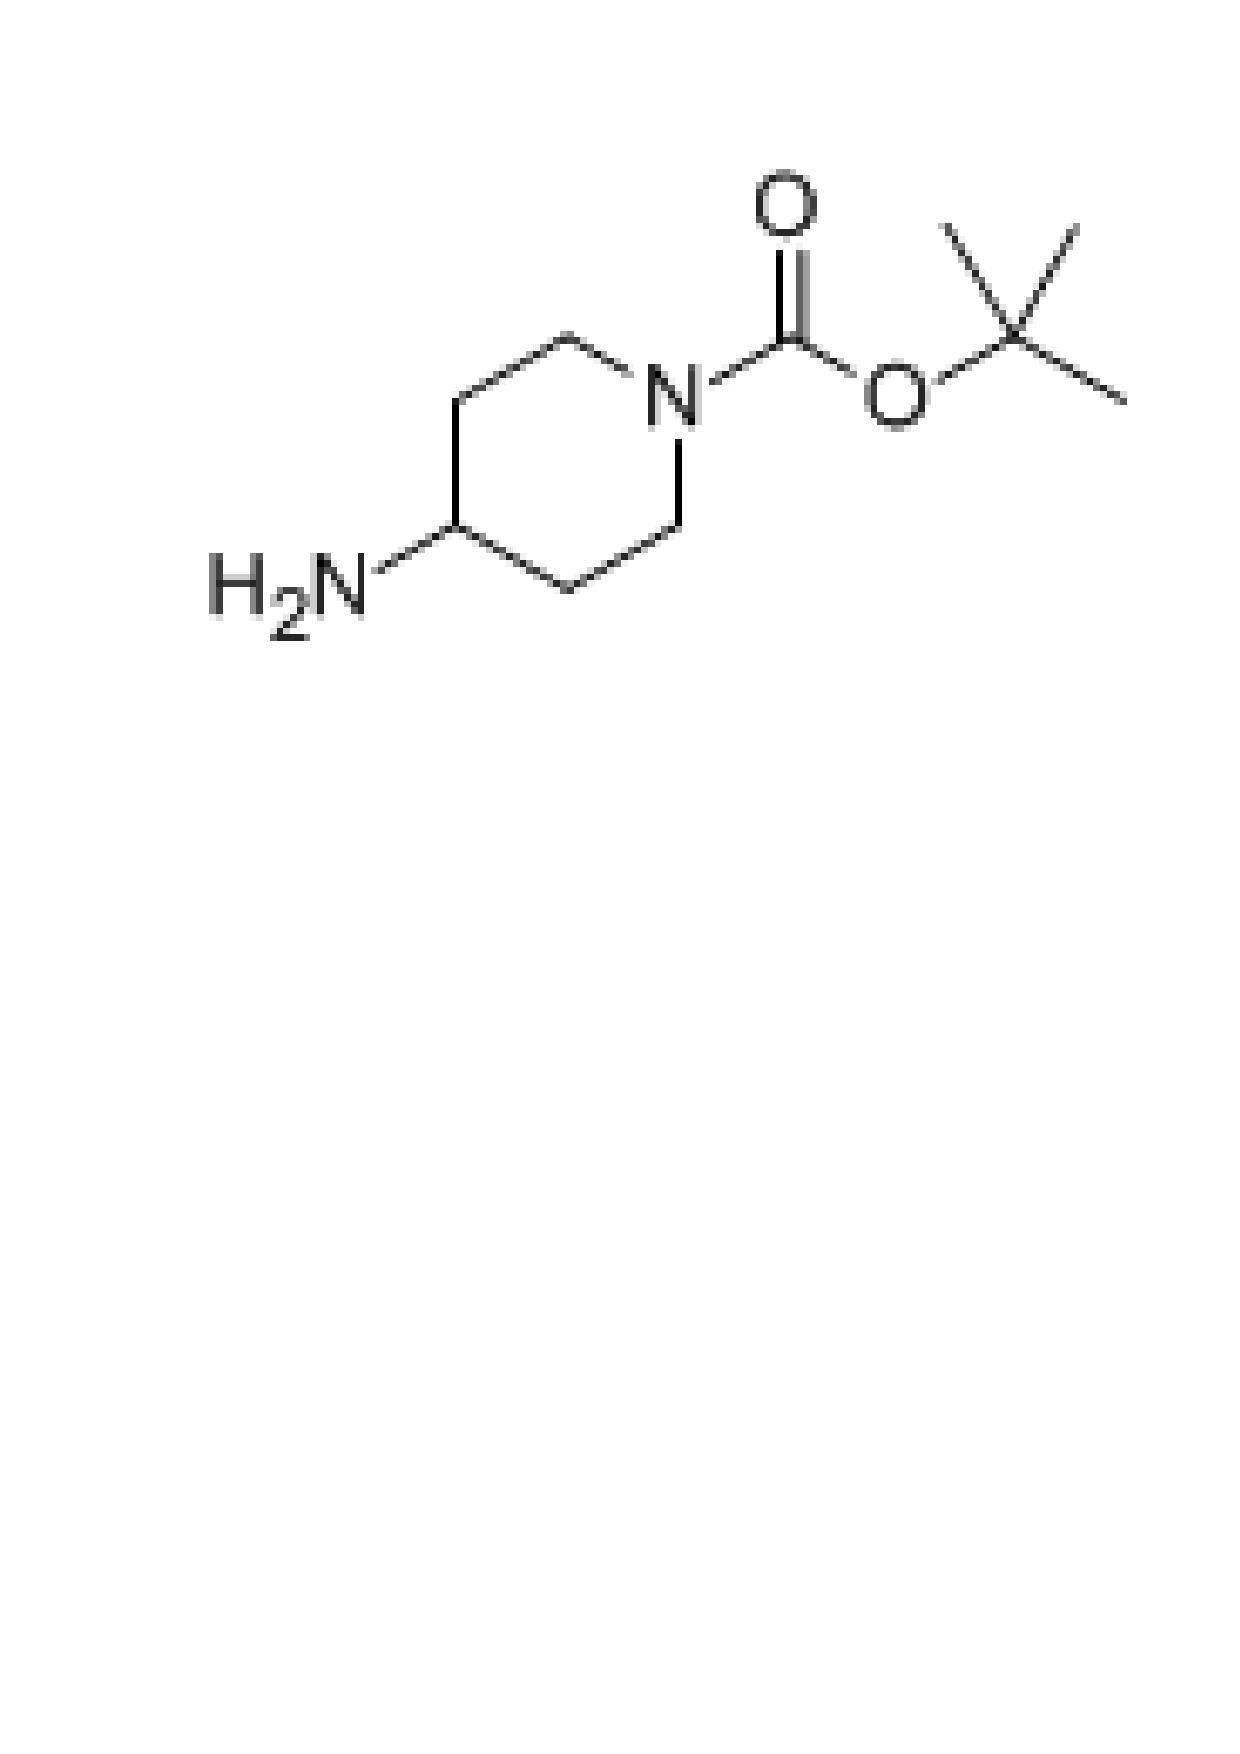 4-Amino-1-Boc-piperidine, cas no: 87120-72-7